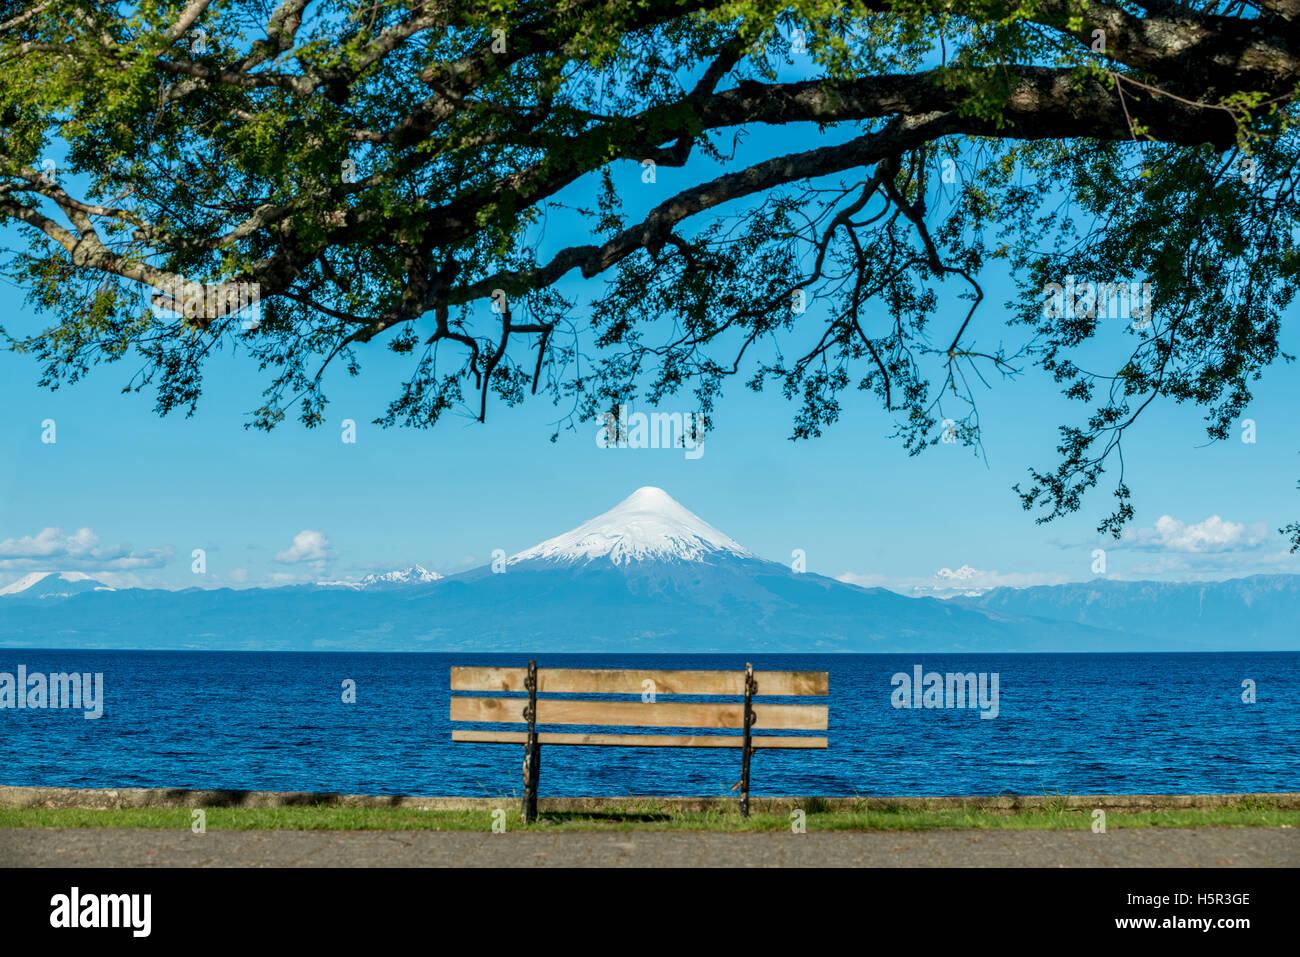 Volcán Osorno y Lago LLanquihue. El lago Llanquihue y el volcán Osorno. Imagen De Stock